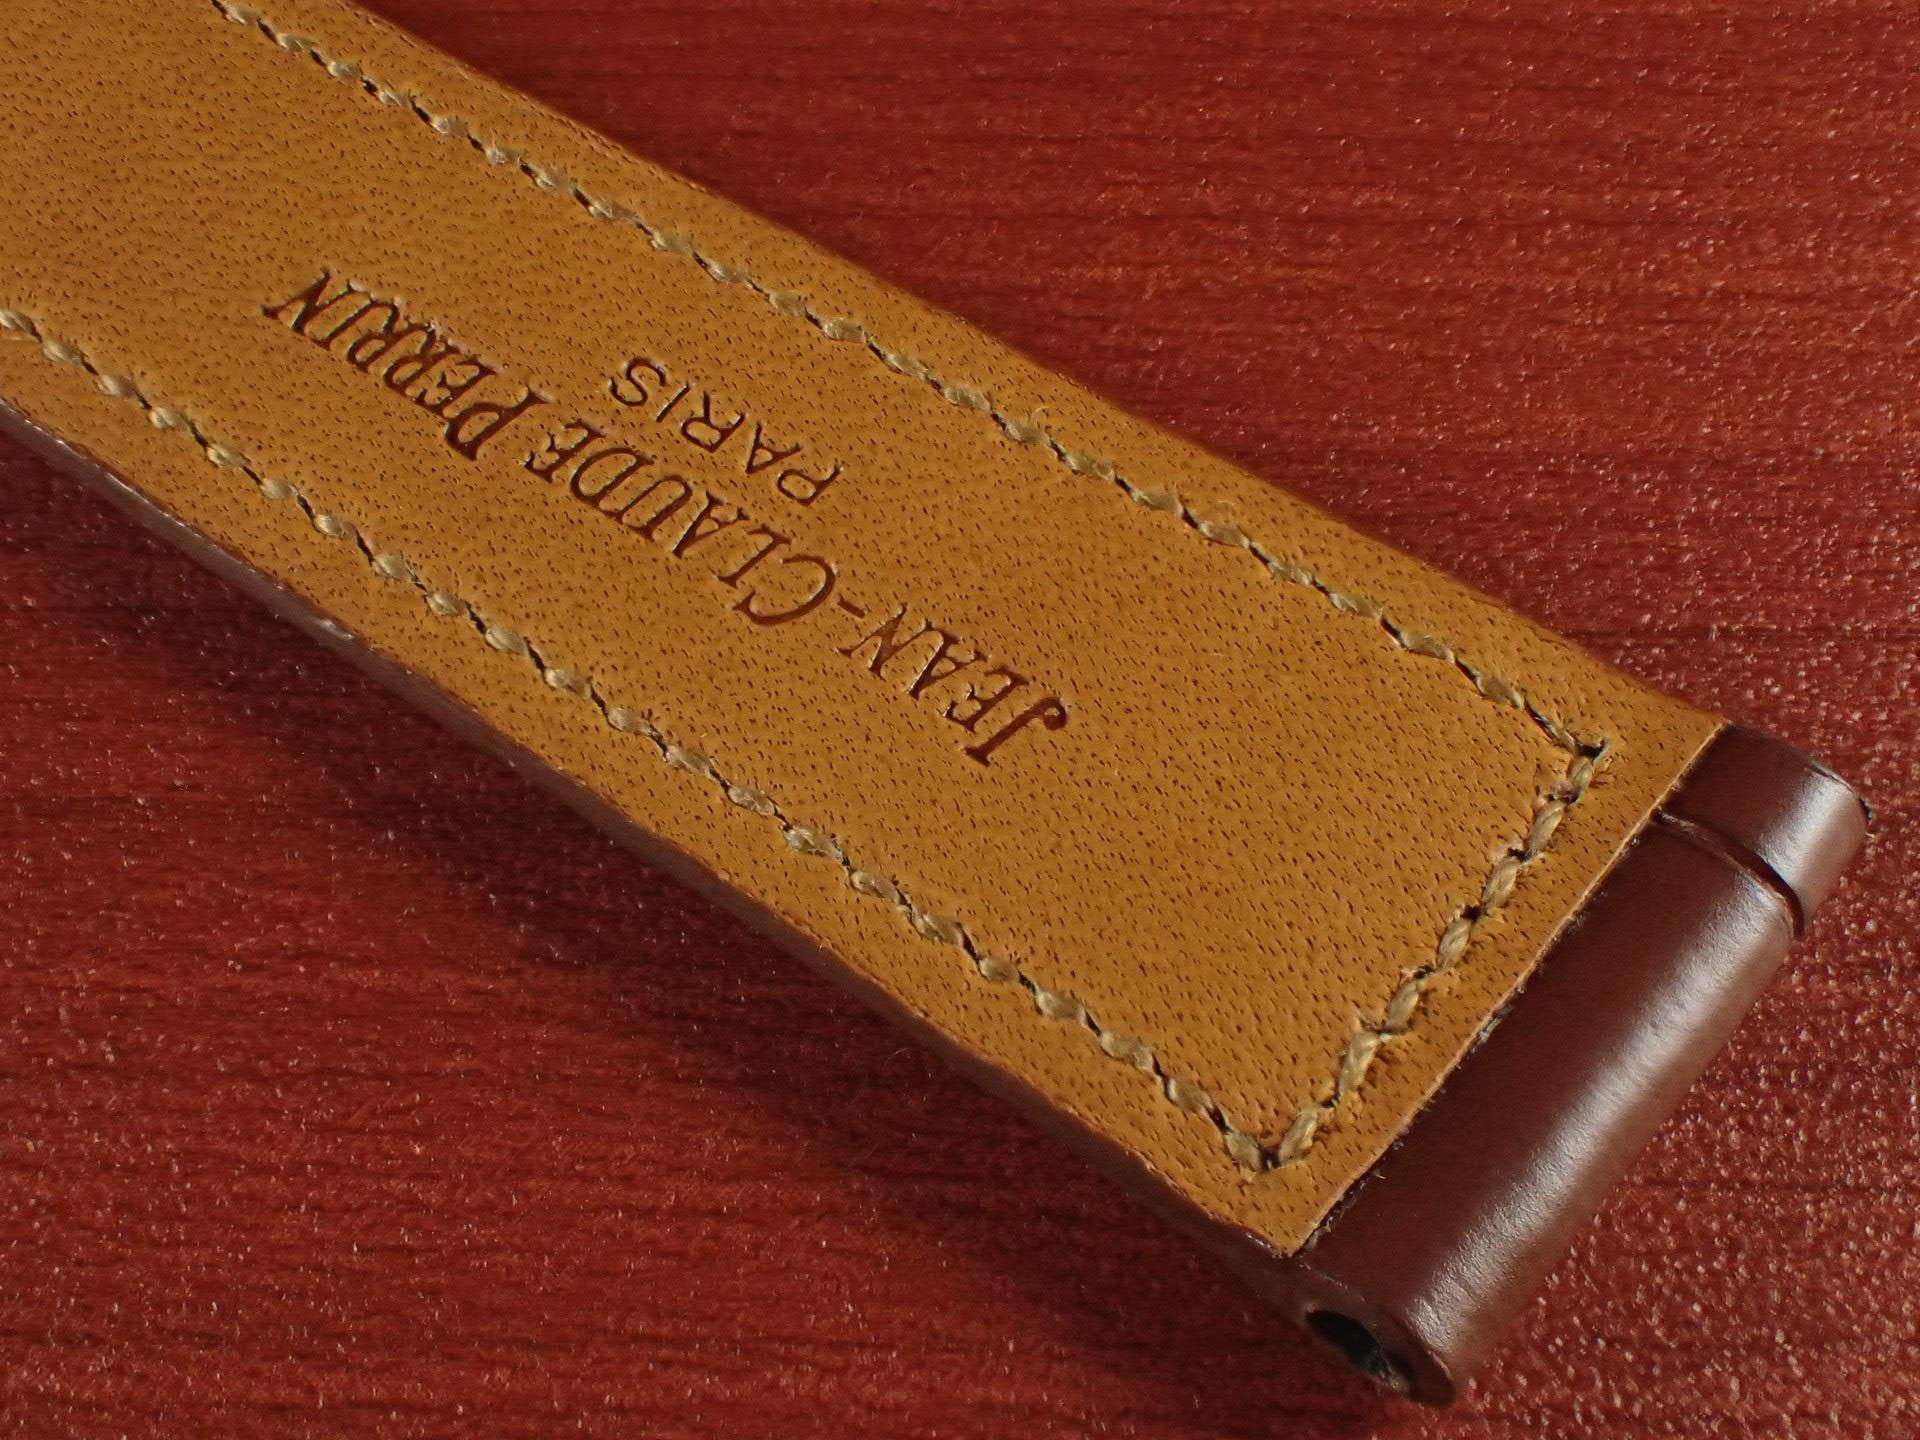 ジャン・クロード ペラン革ベルト クロコダイル ライトブラウン 18mmの写真6枚目